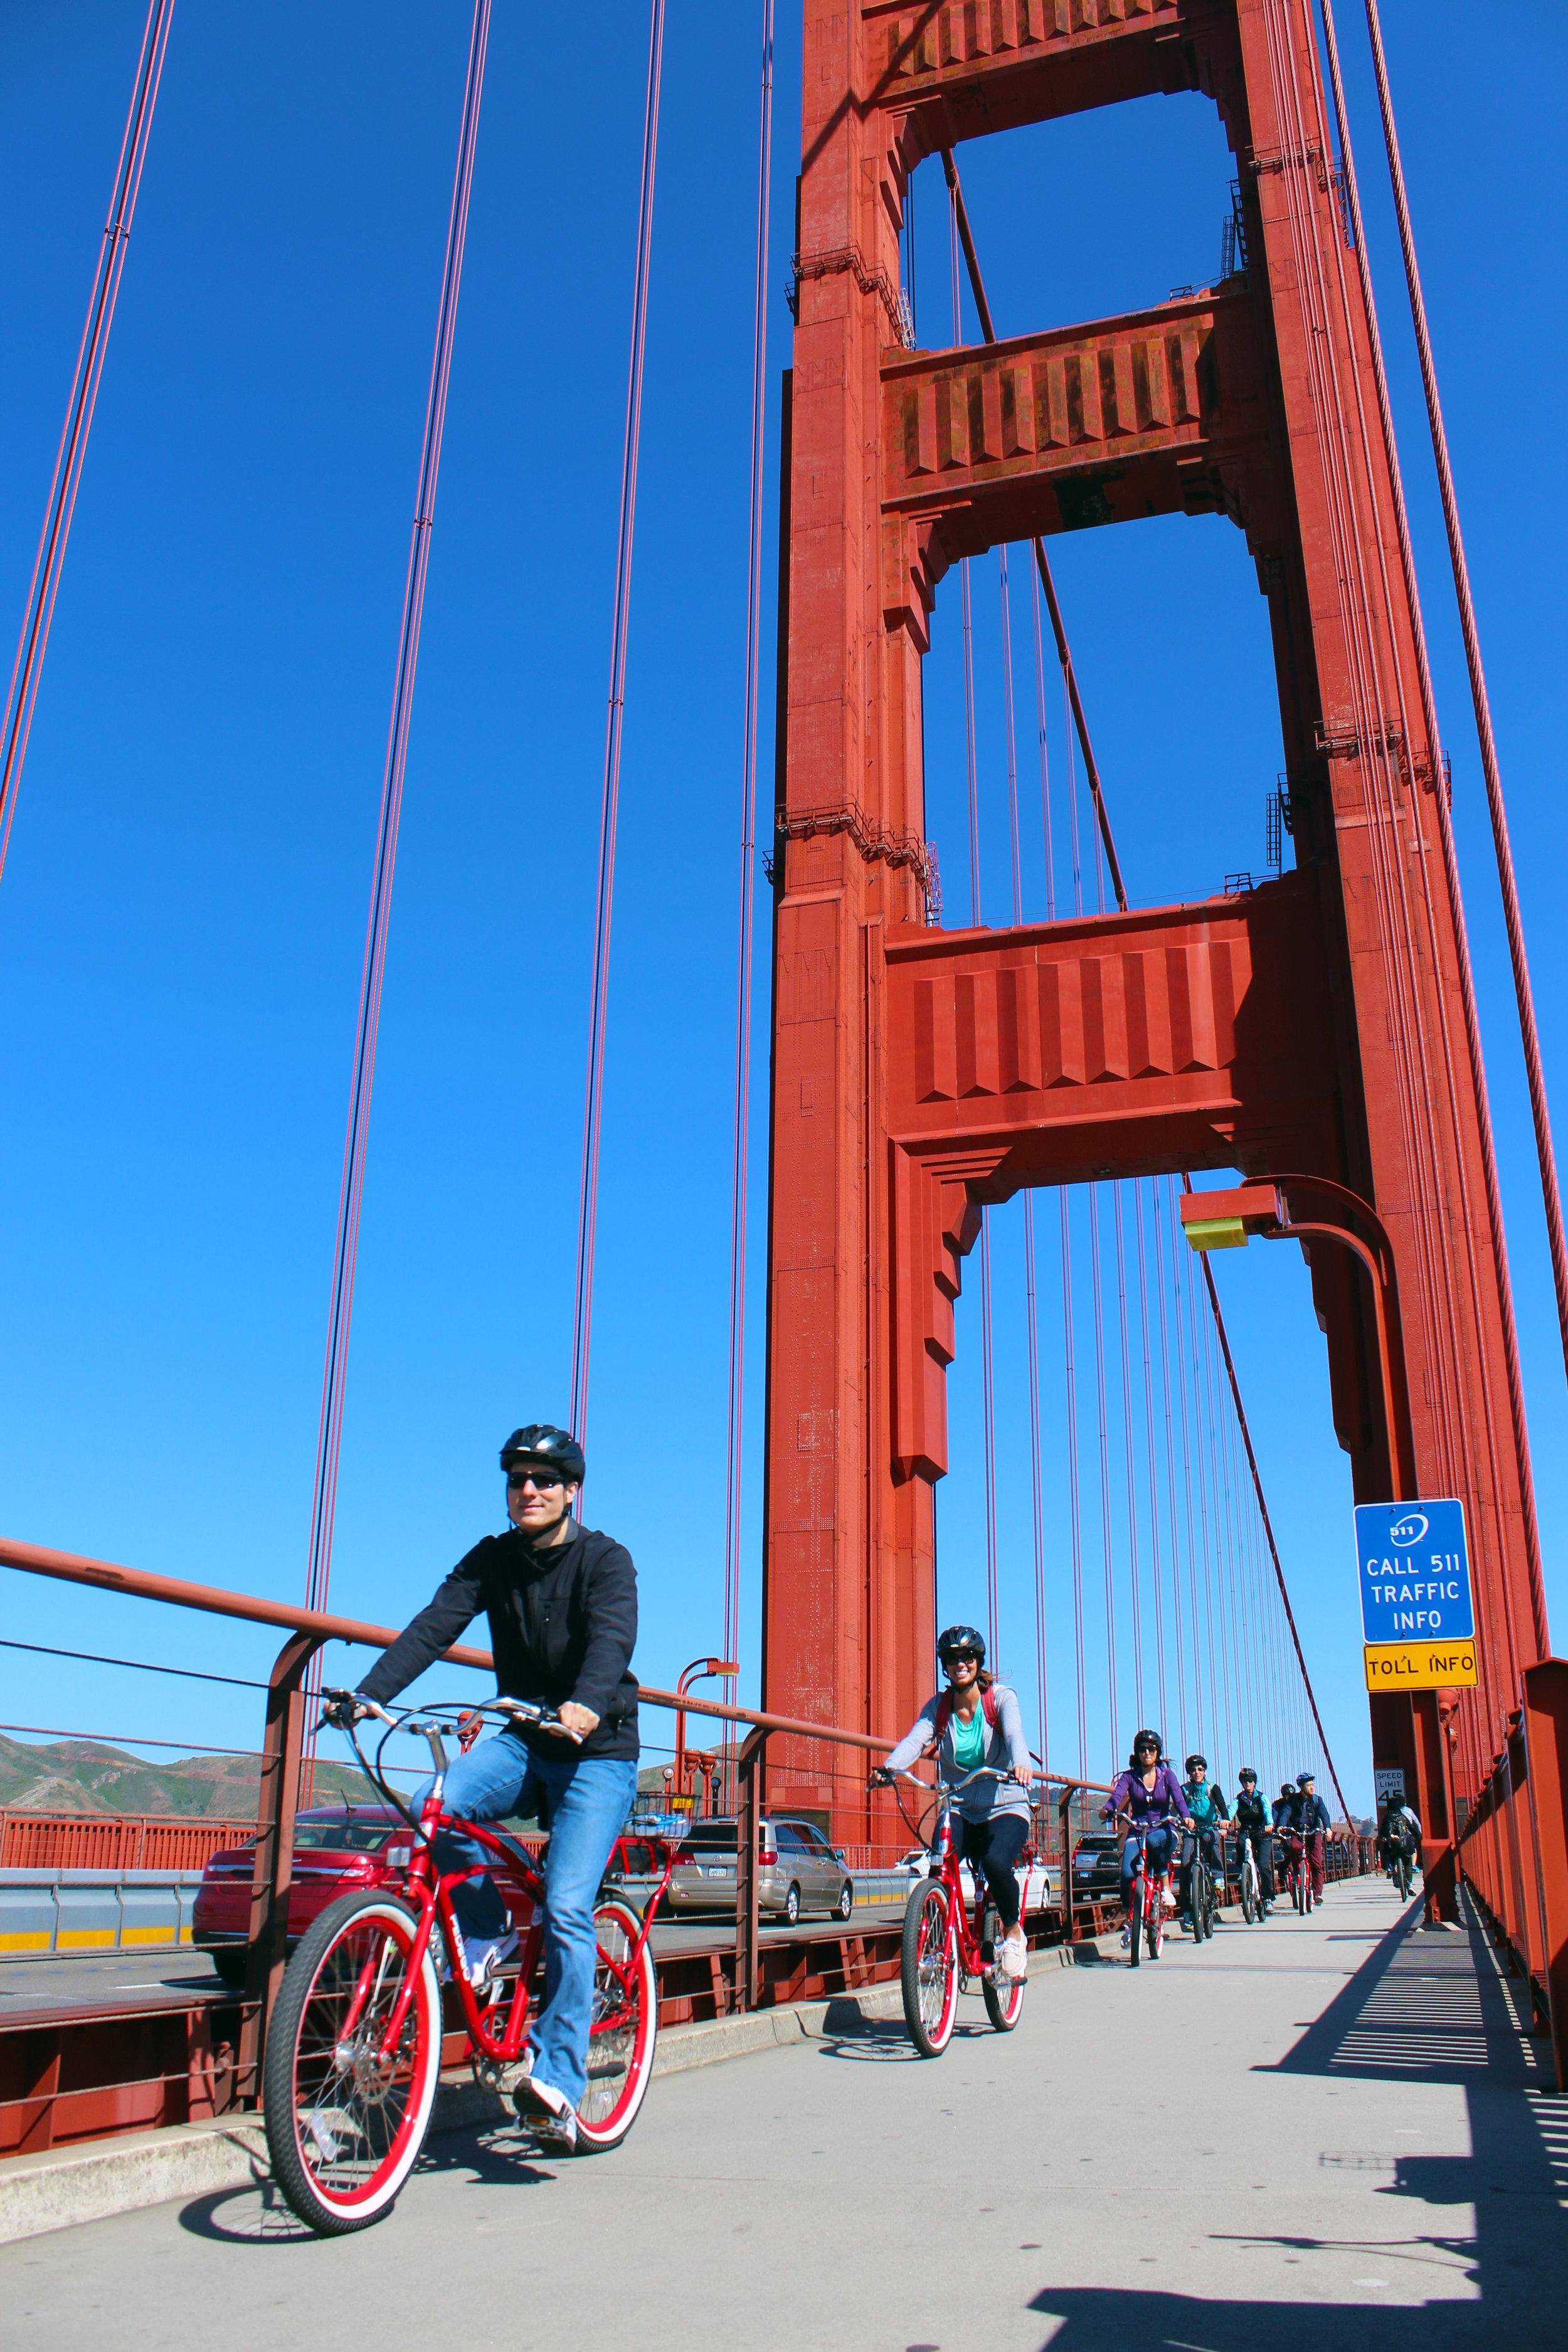 http://muirwoodsshuttlesandtours.com/bikethegoldengatebridgeandmuirwoodsshuttle